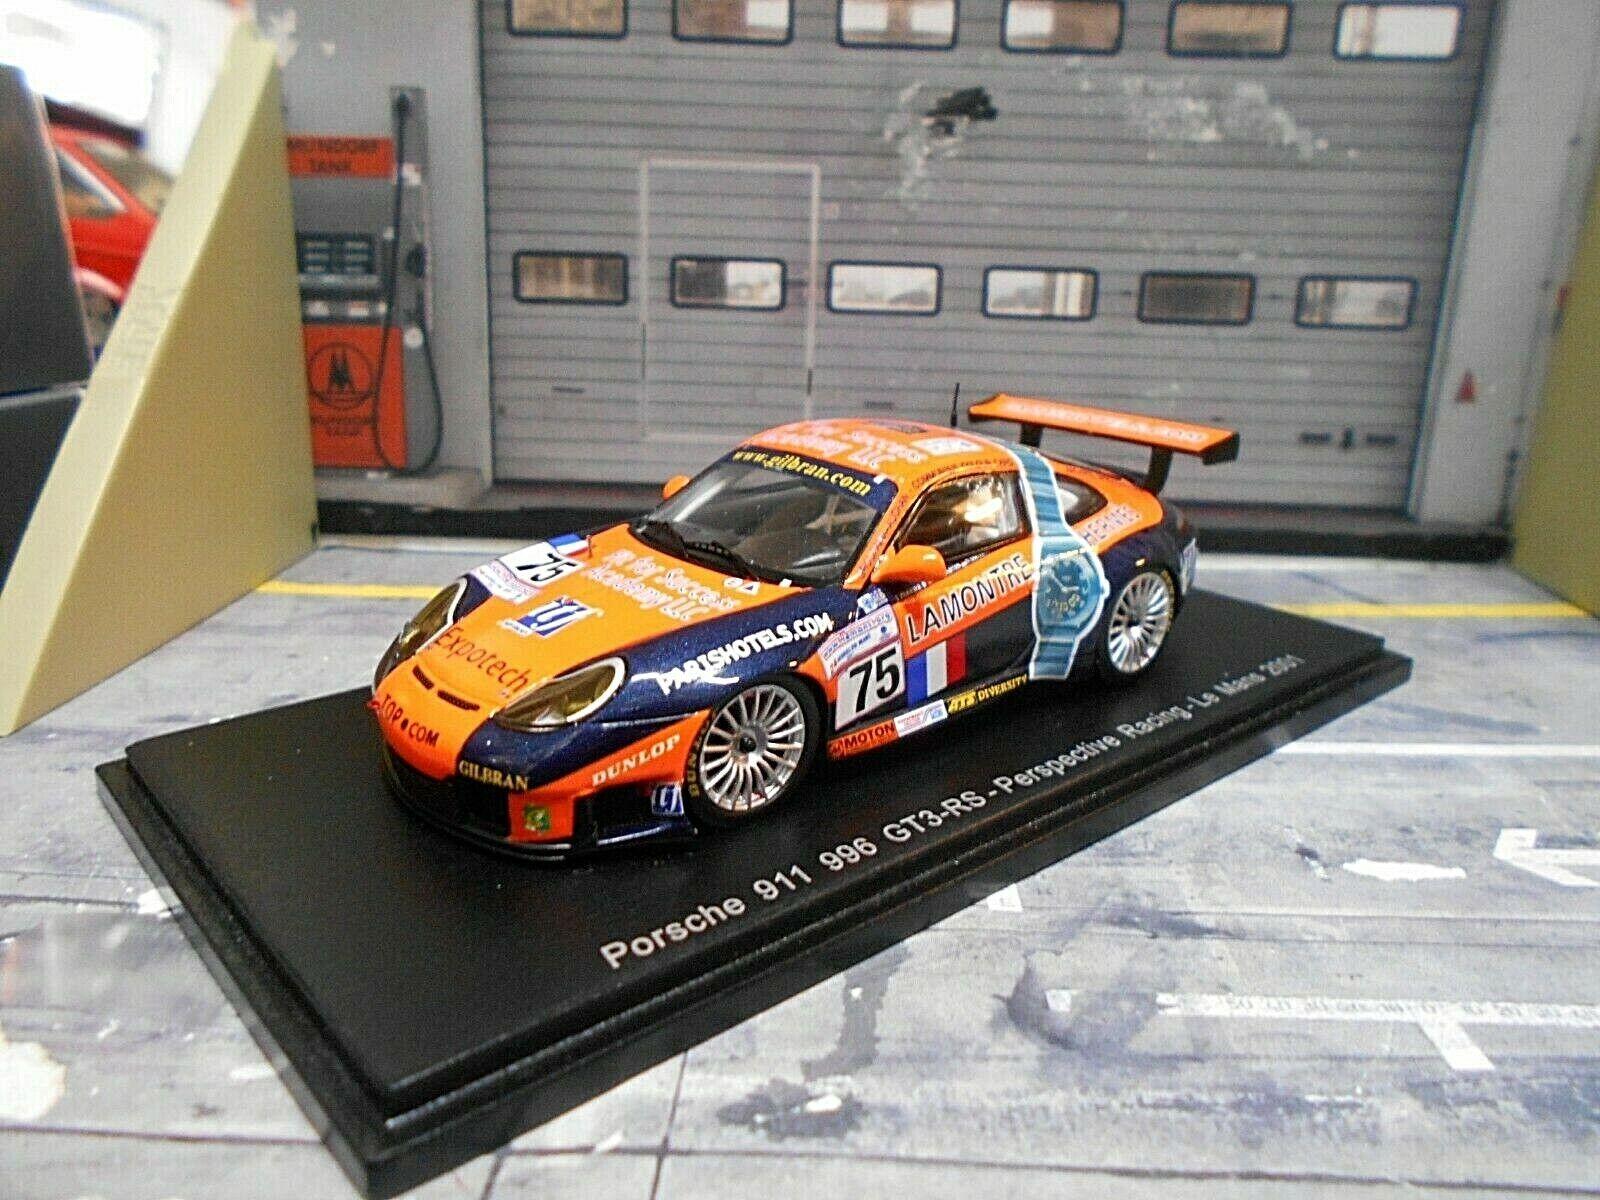 Porsche 911  996 GT3 RS 24h Le Mans  75 perspective 2001 La Montre Spark 1 43  qualité authentique